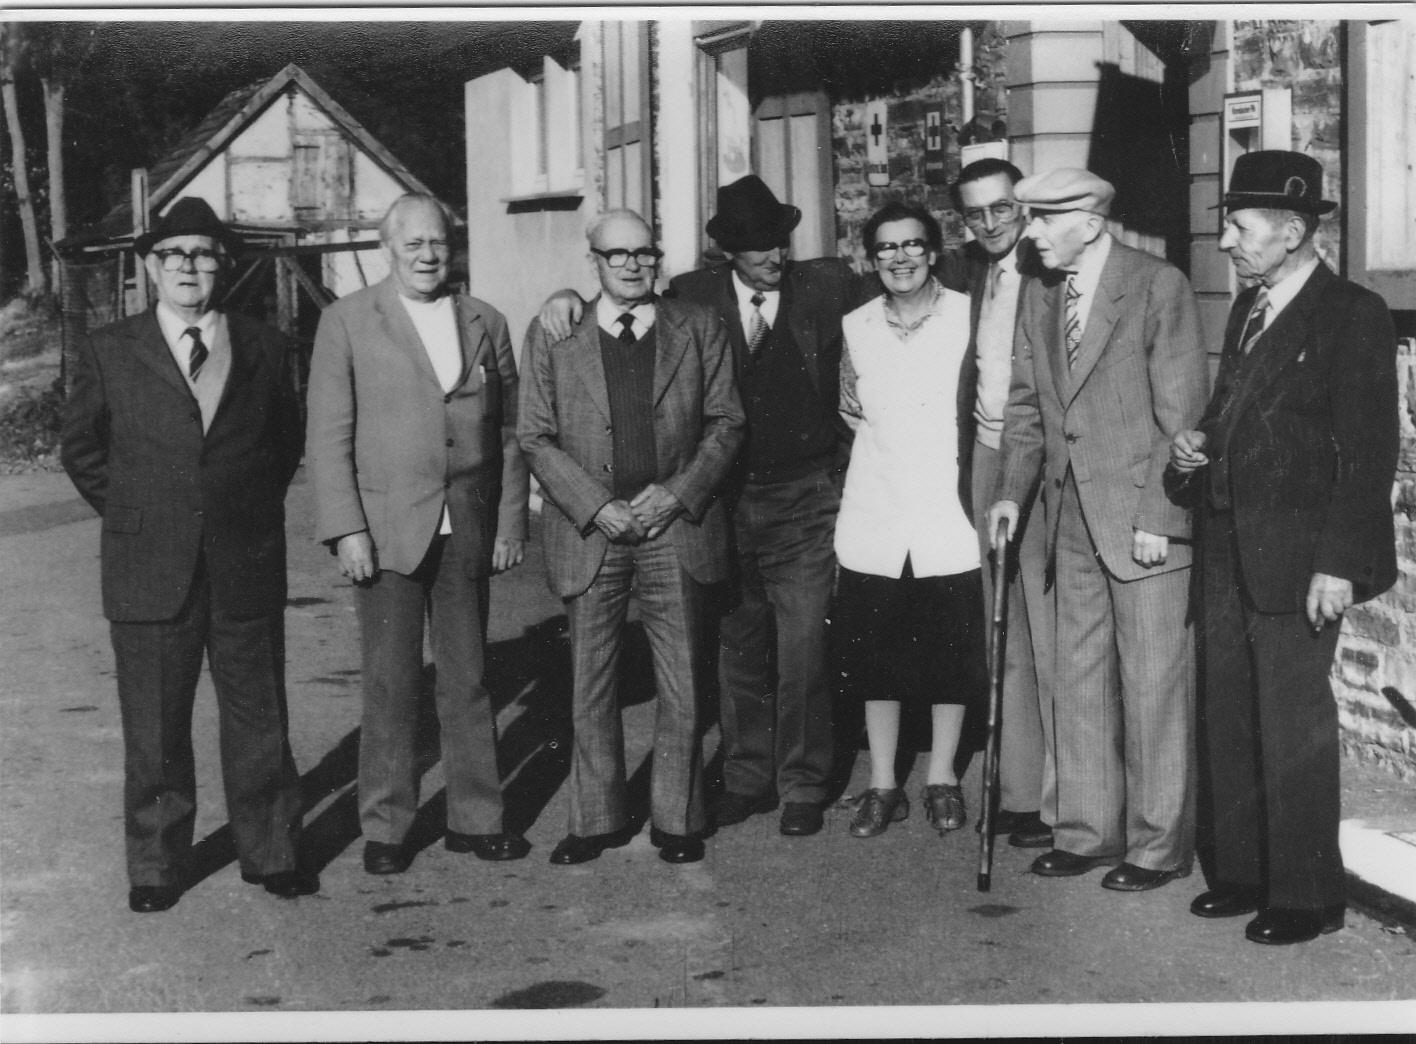 Senioren aus den 1980er Jahren